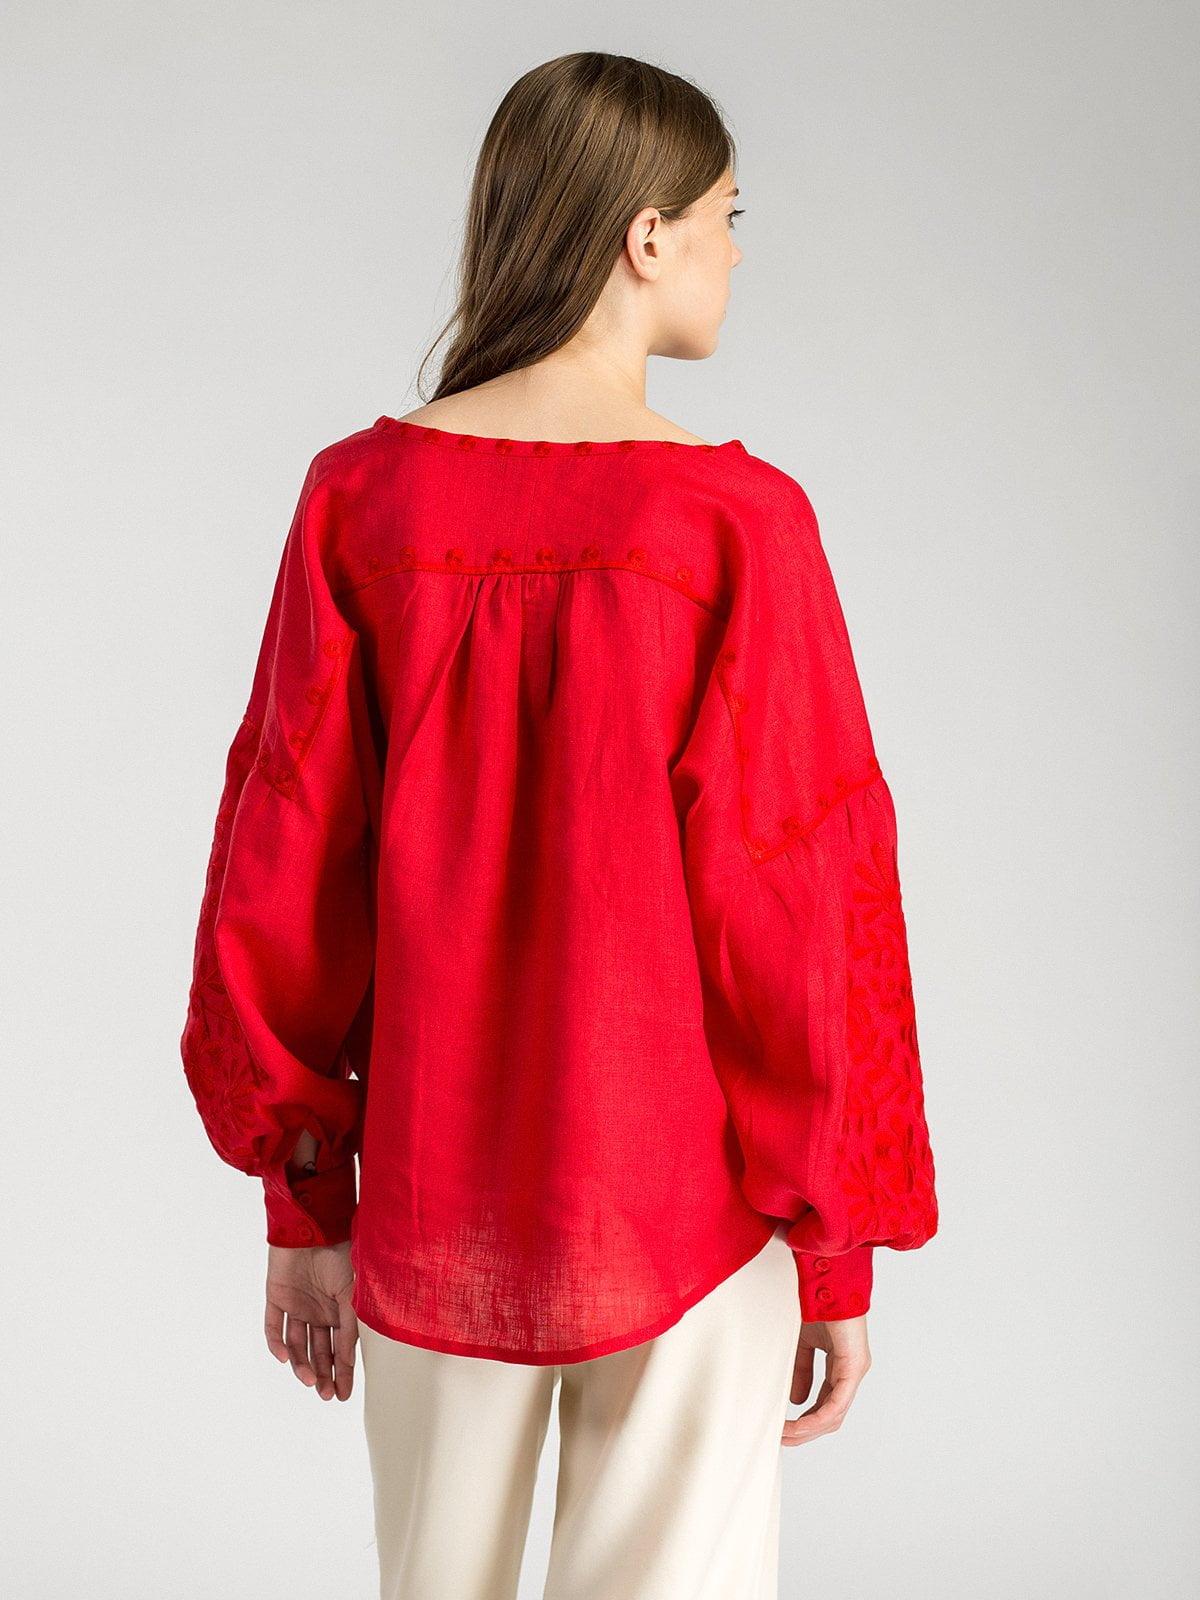 Червона жіноча вишиванка з пишними рукавами Red Bird – купити в ... a355a34e9cea1